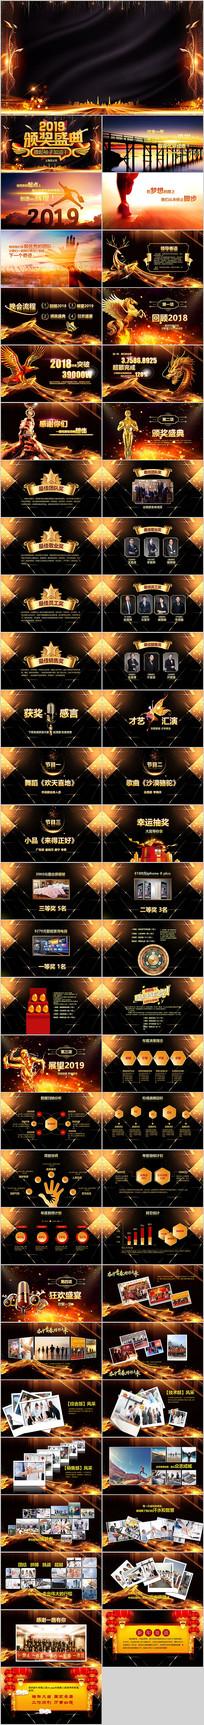 2019年会颁奖盛典ppt